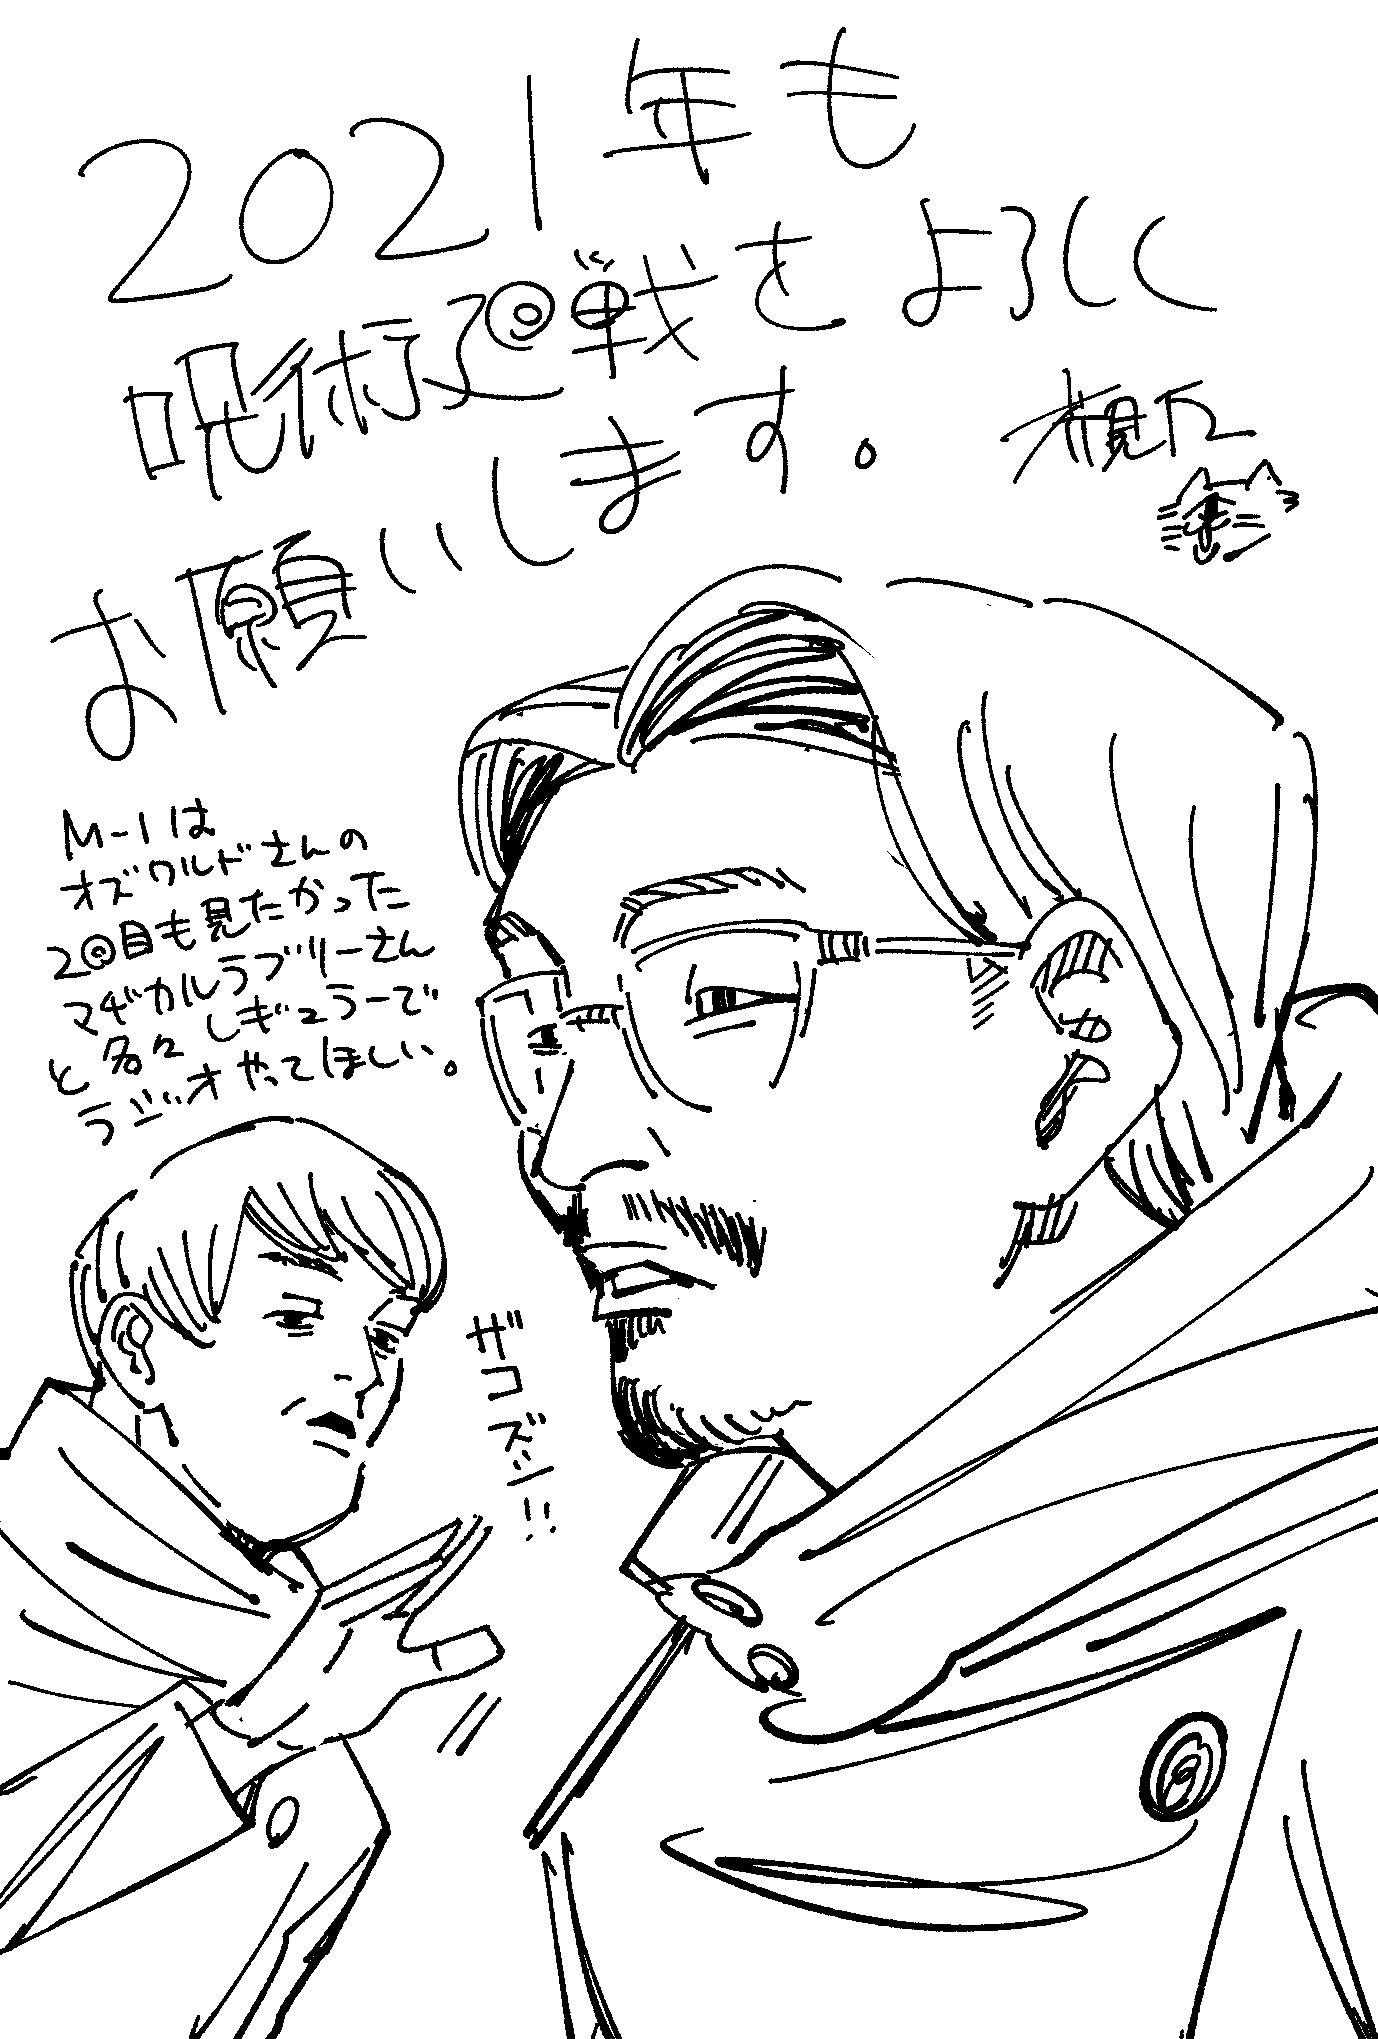 作者 戦 呪術 廻